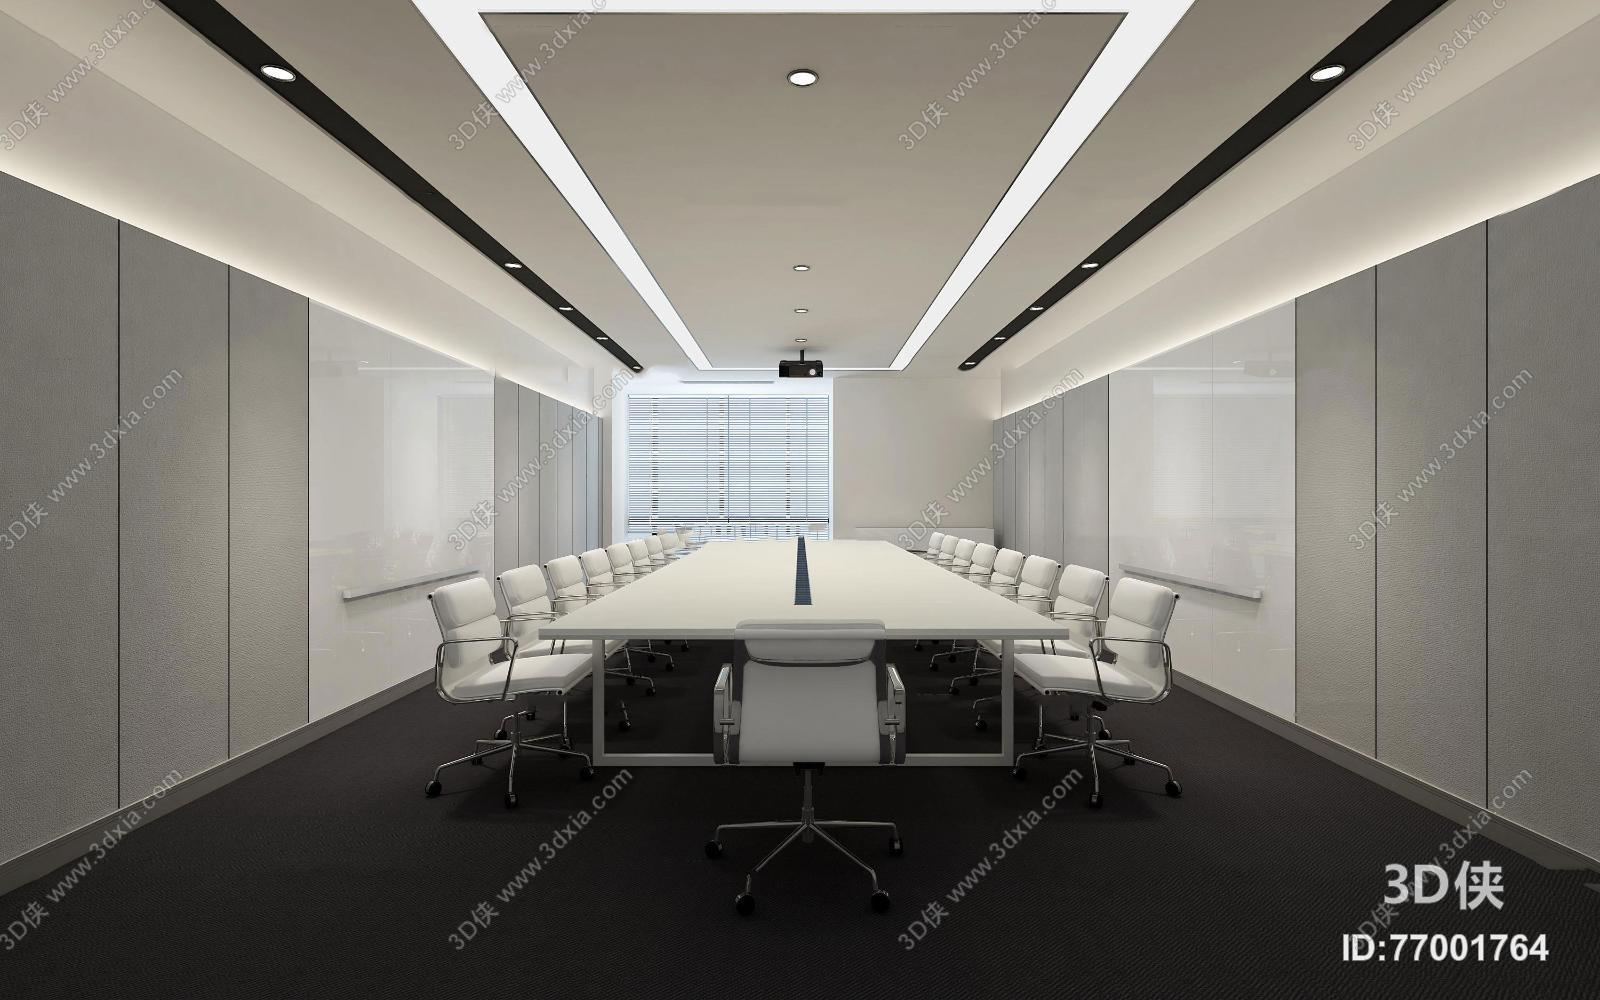 辦公室效果圖素材免費下載,本作品主題是現代會議室3d模型,編號是